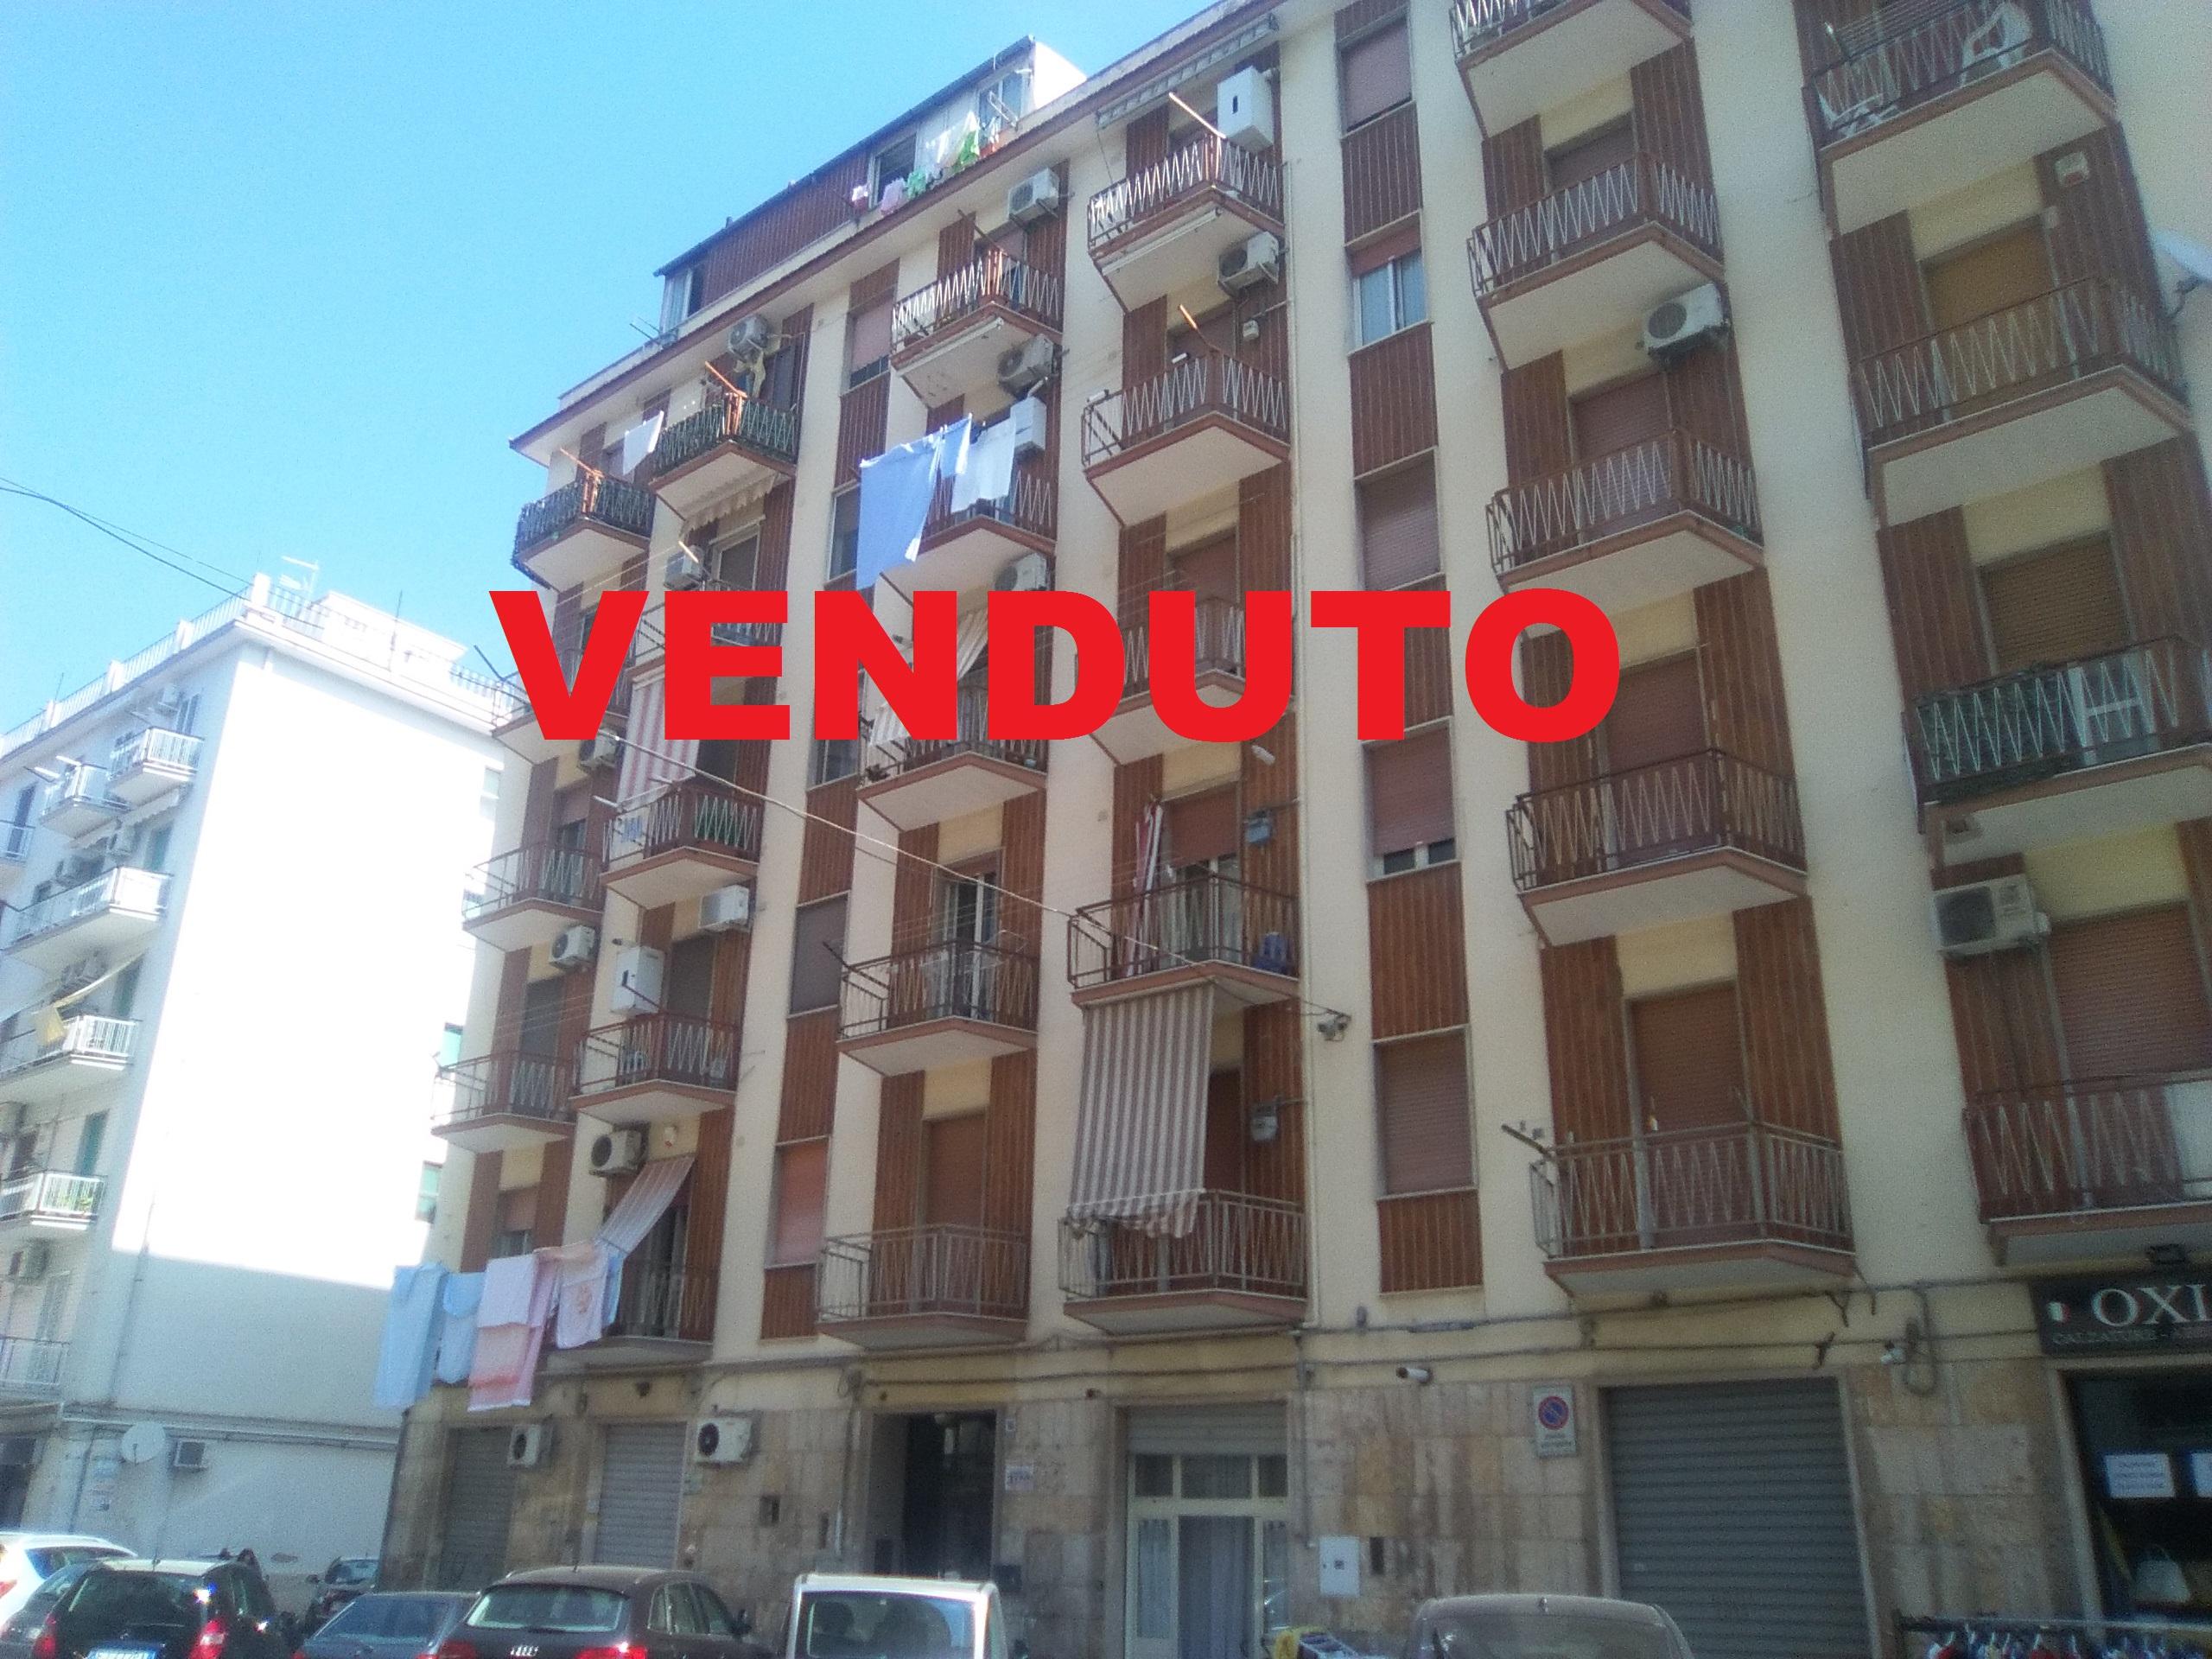 Case in vendita a Foggia- Via S.M. Crostarosa 3 vani accessori